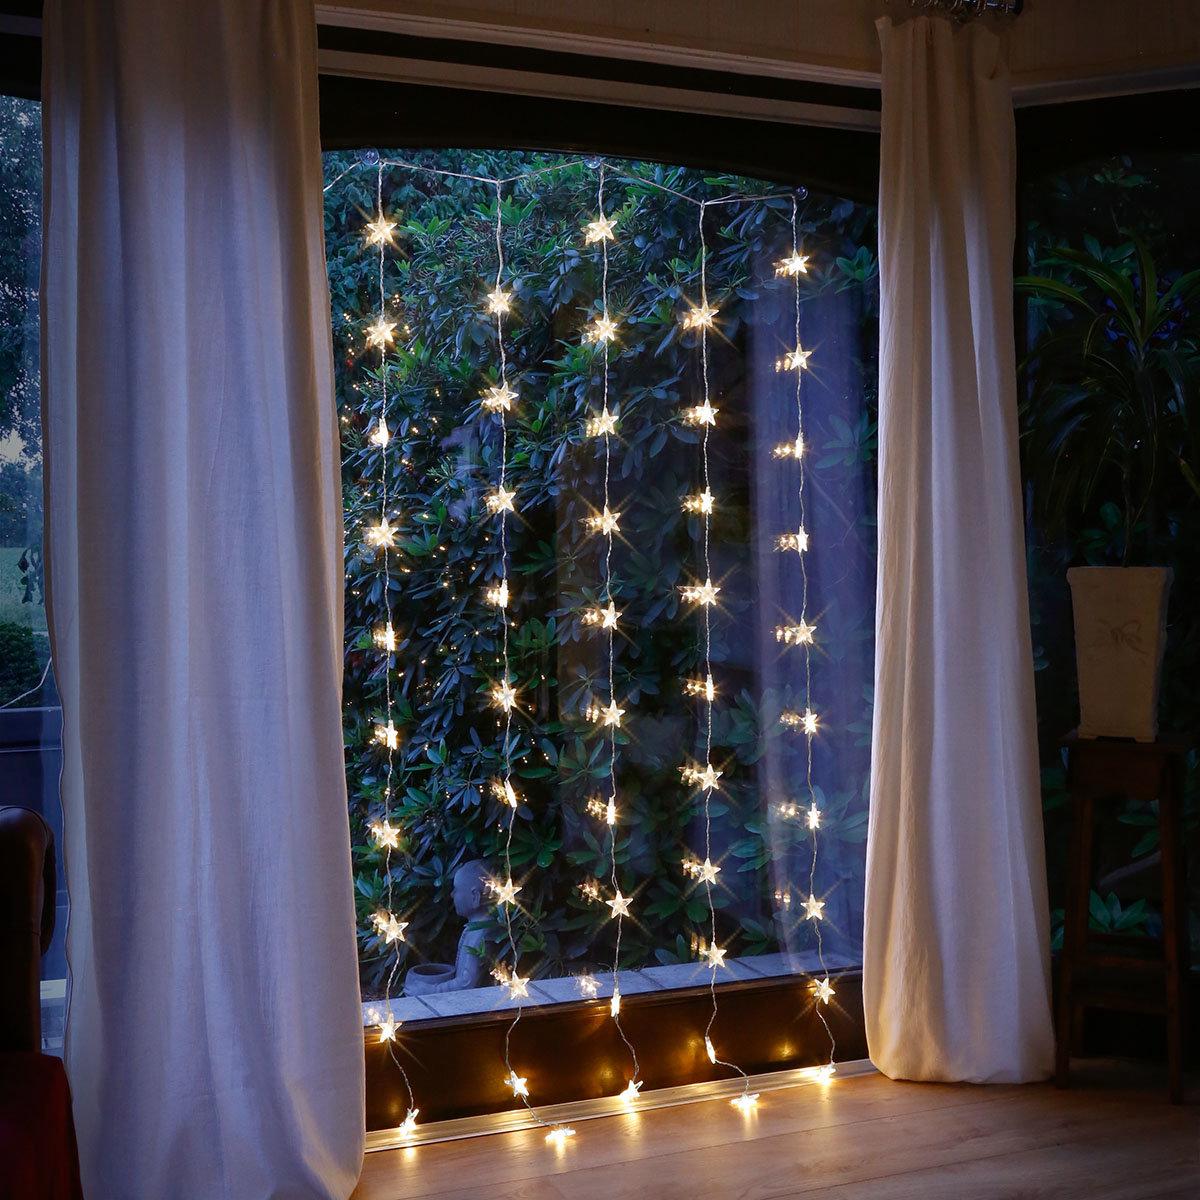 Led Weihnachtsbeleuchtung Für Fenster.Led Lichtervorhang Nachthimmel 50 Leds